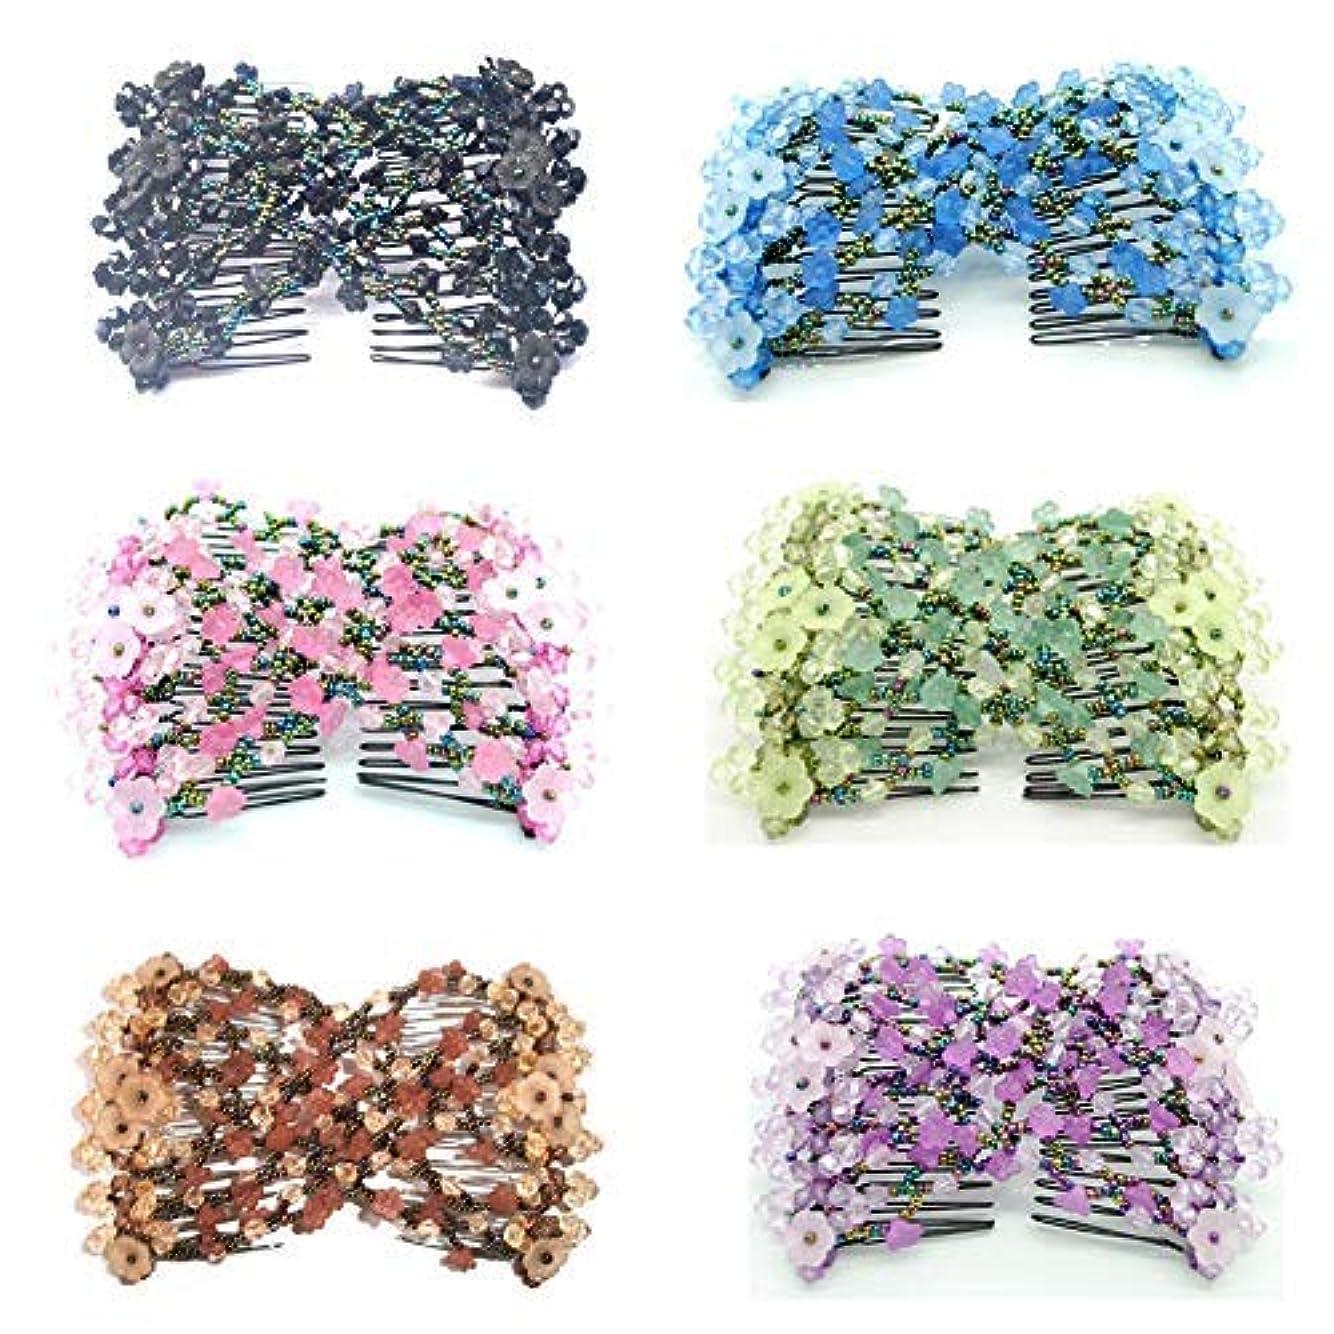 命令プラス乗算Casualfashion 6Pcs Magic Ez Combs for Women Hair Bun Maker Accessories, Elastic Beaded Double Hair Clips Combs...